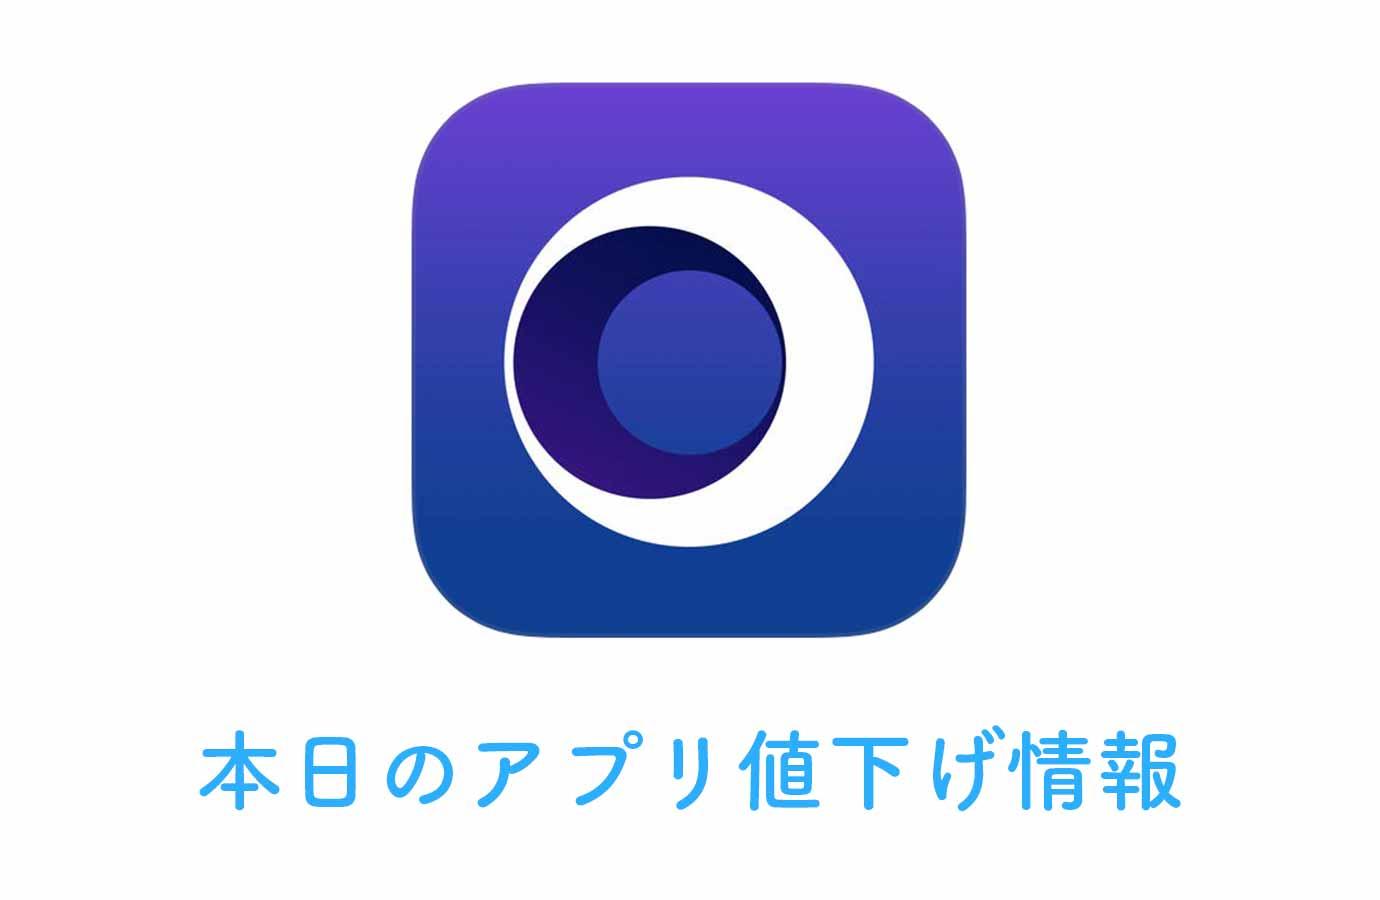 480円→無料!一眼レフカメラ風の写真が撮れる「Tadaa SLR」など【7/31版】アプリ値下げ情報